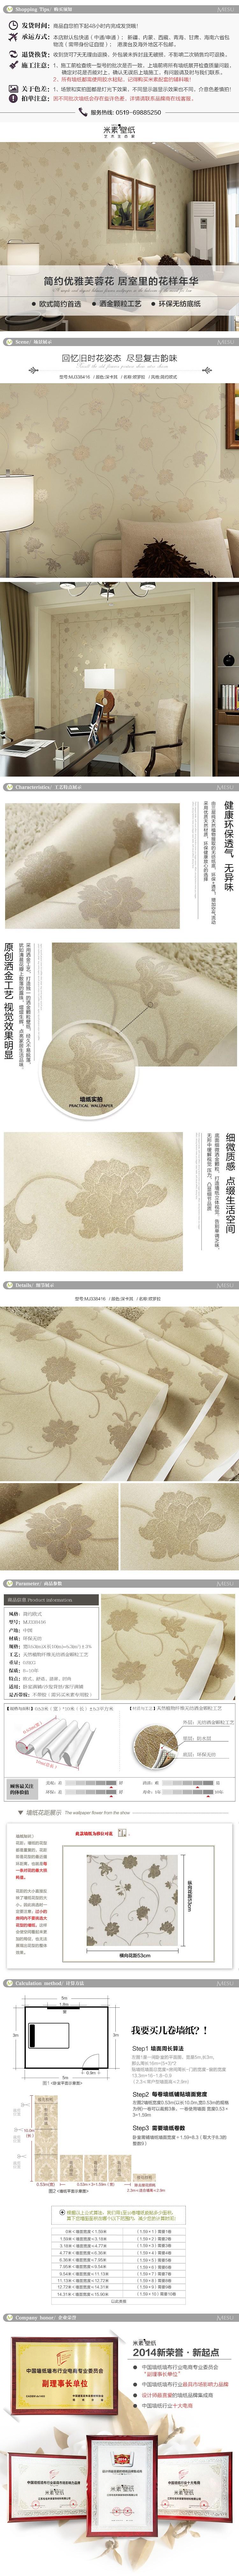 米黄欧式田园温馨无纺布墙纸